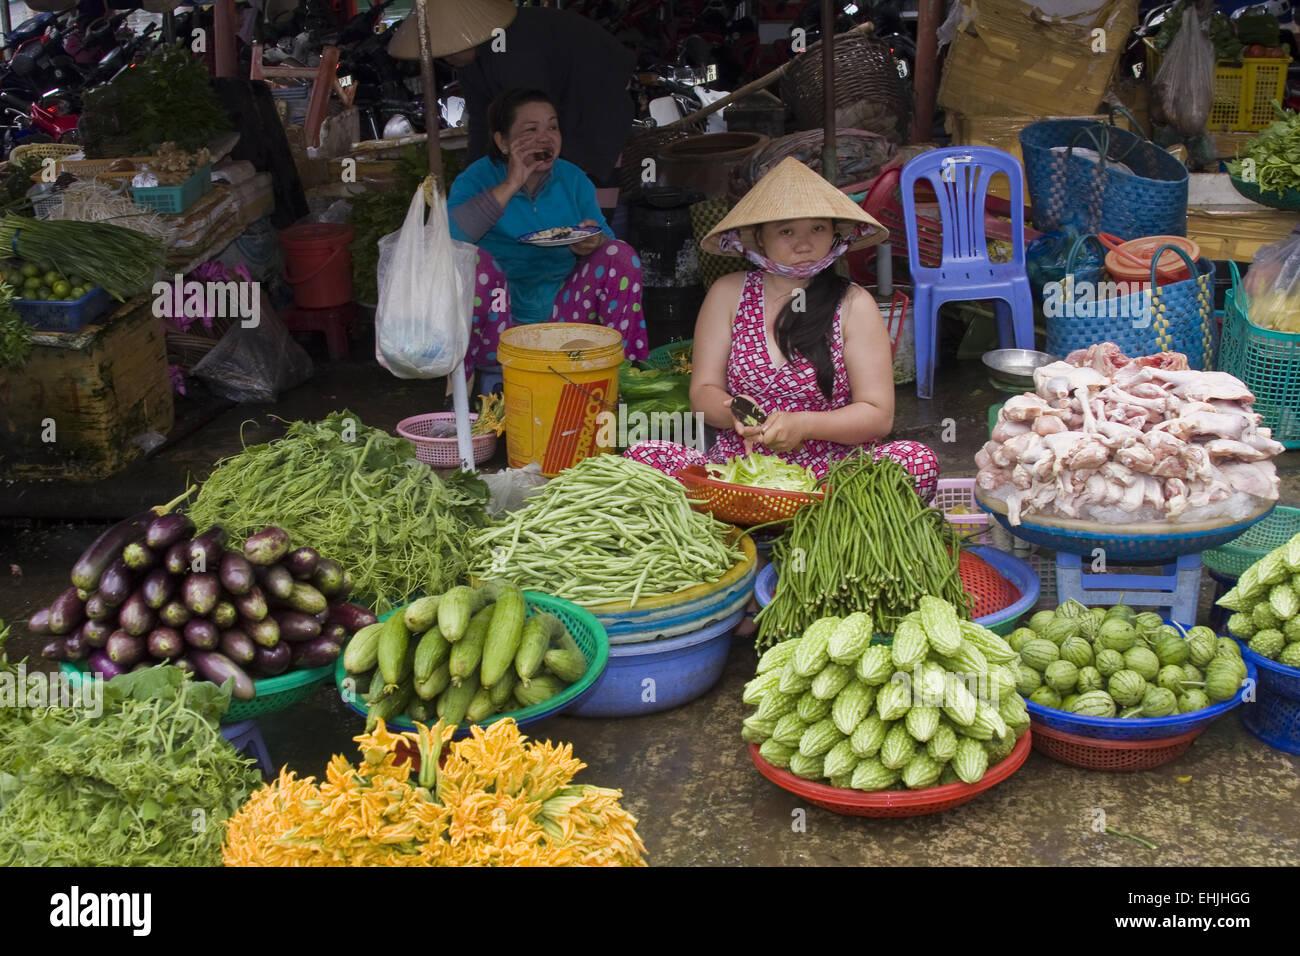 Market-scene,vegetablevendors,Phu,Quoc,Vietnam,Asi - Stock Image